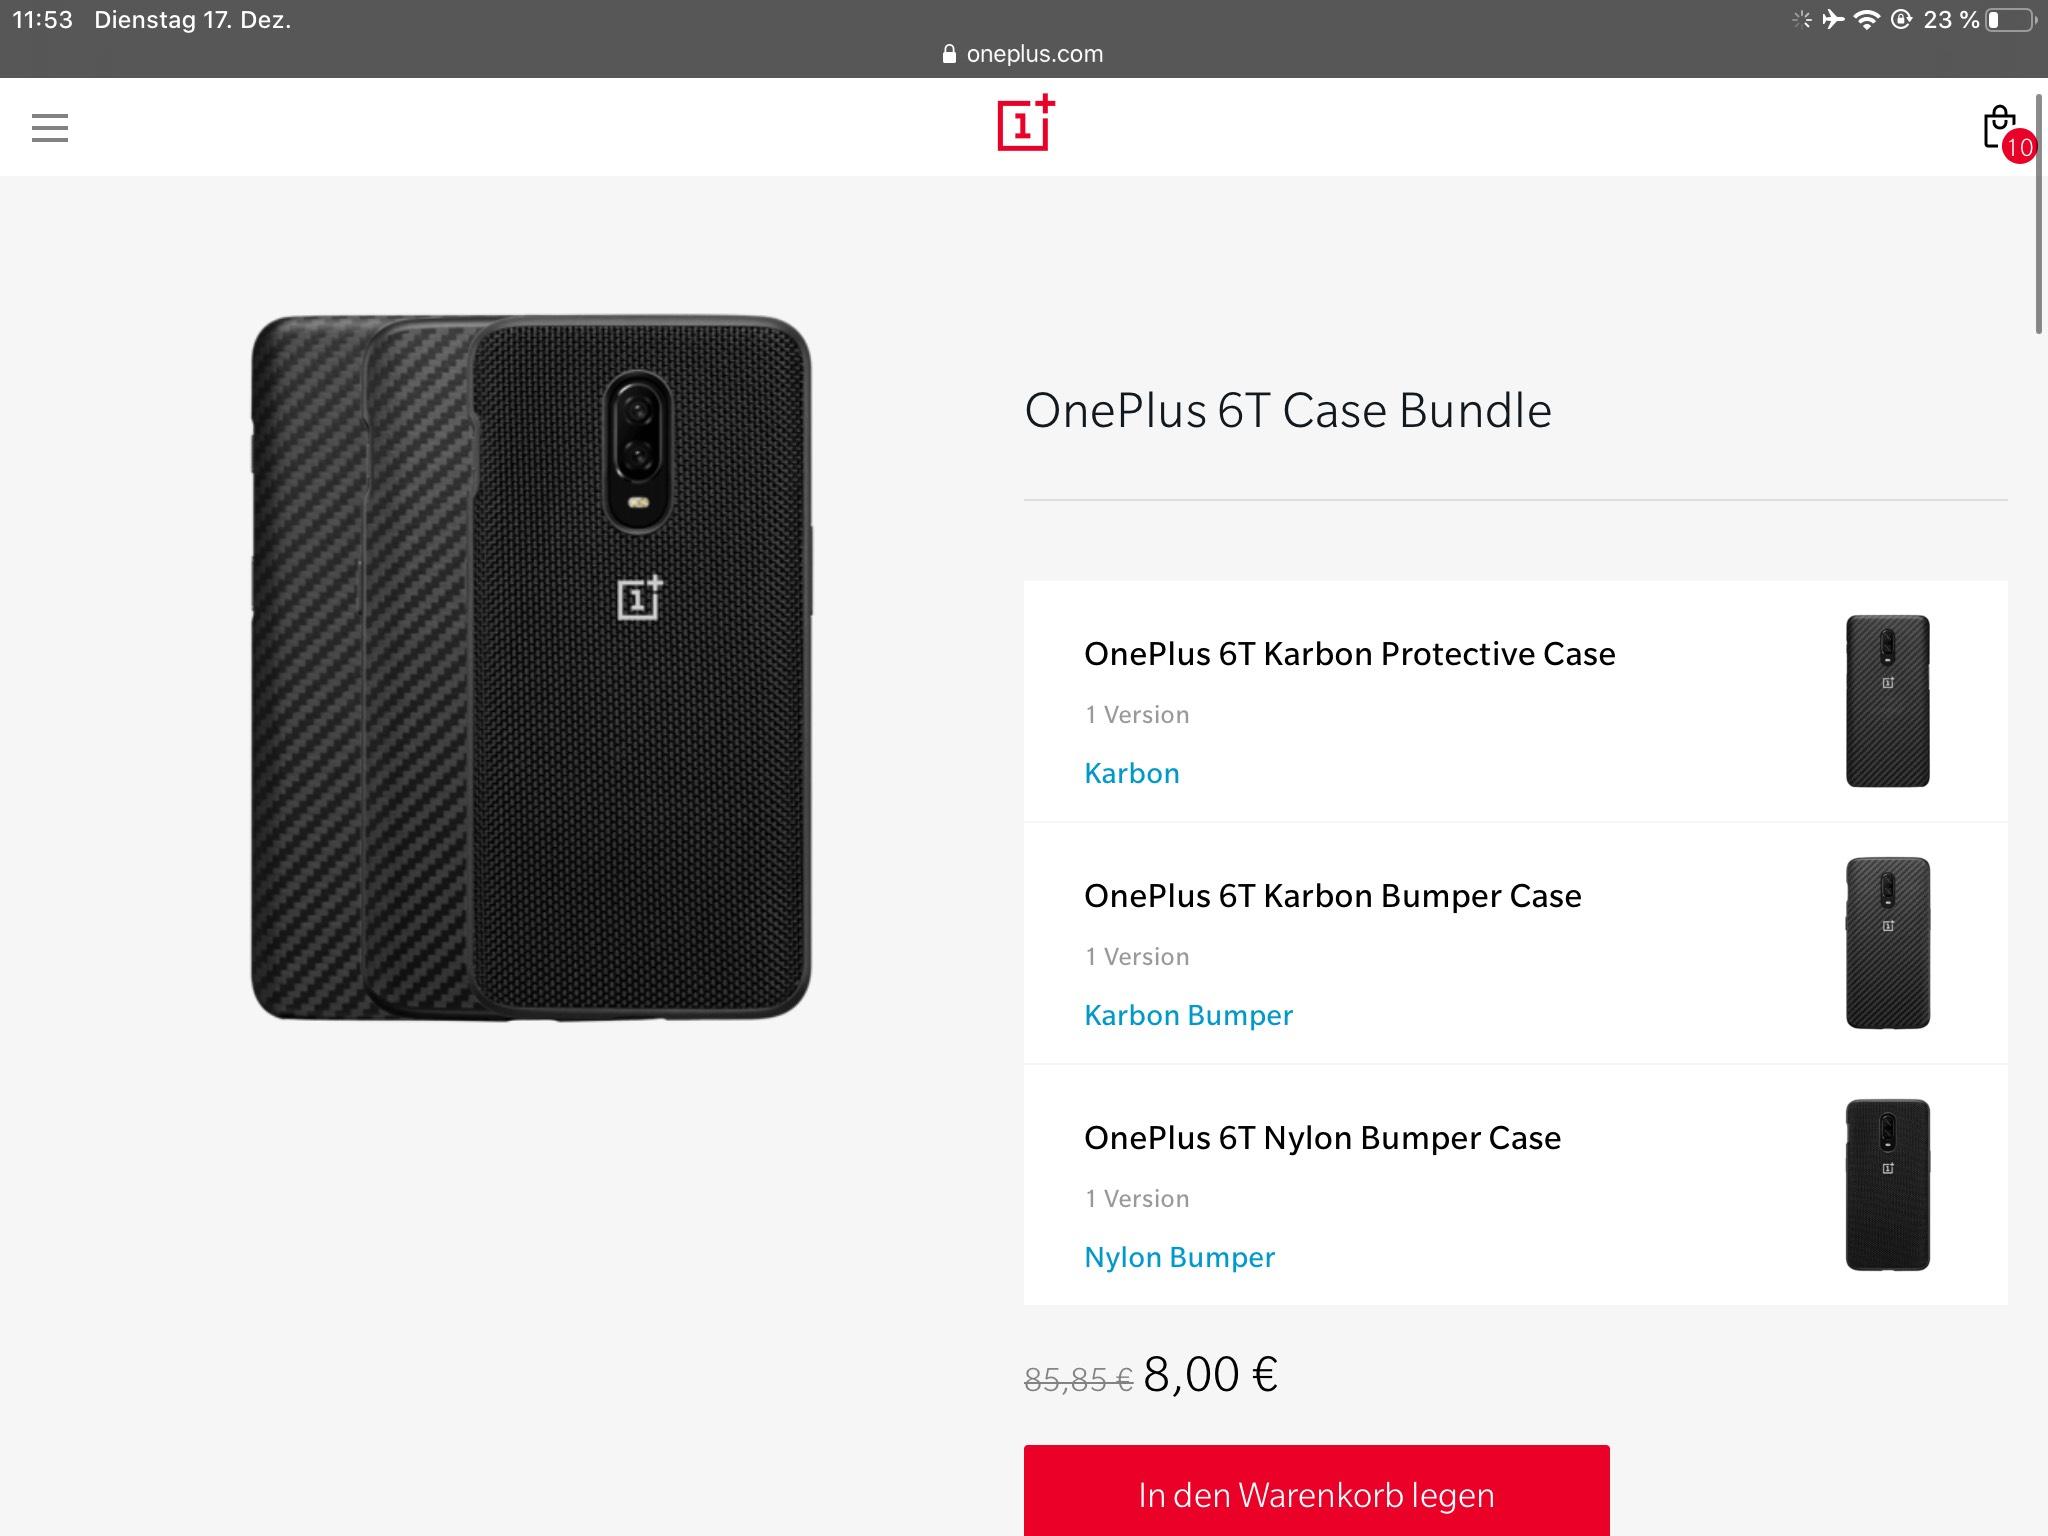 OnePlus 6T Case Bundel | 3 Originale Hüllen für nur 8€